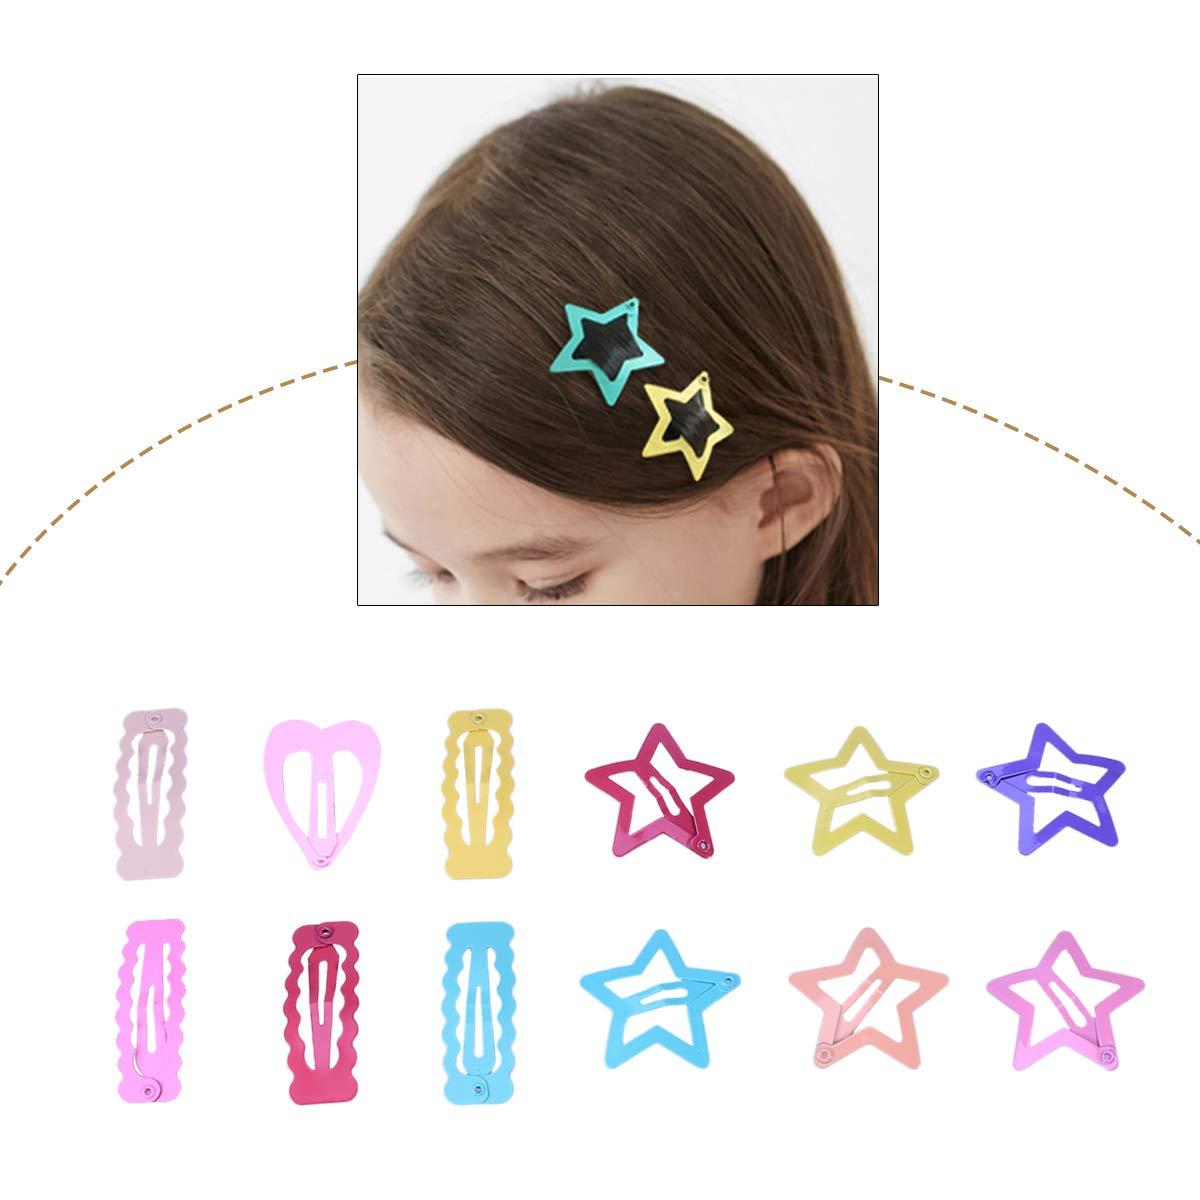 Frcolor Baby Snap Hair Clips No Slip Pins Metal Capelli Clip Accessori per Bambini Ragazze Ragazzi 72PCS